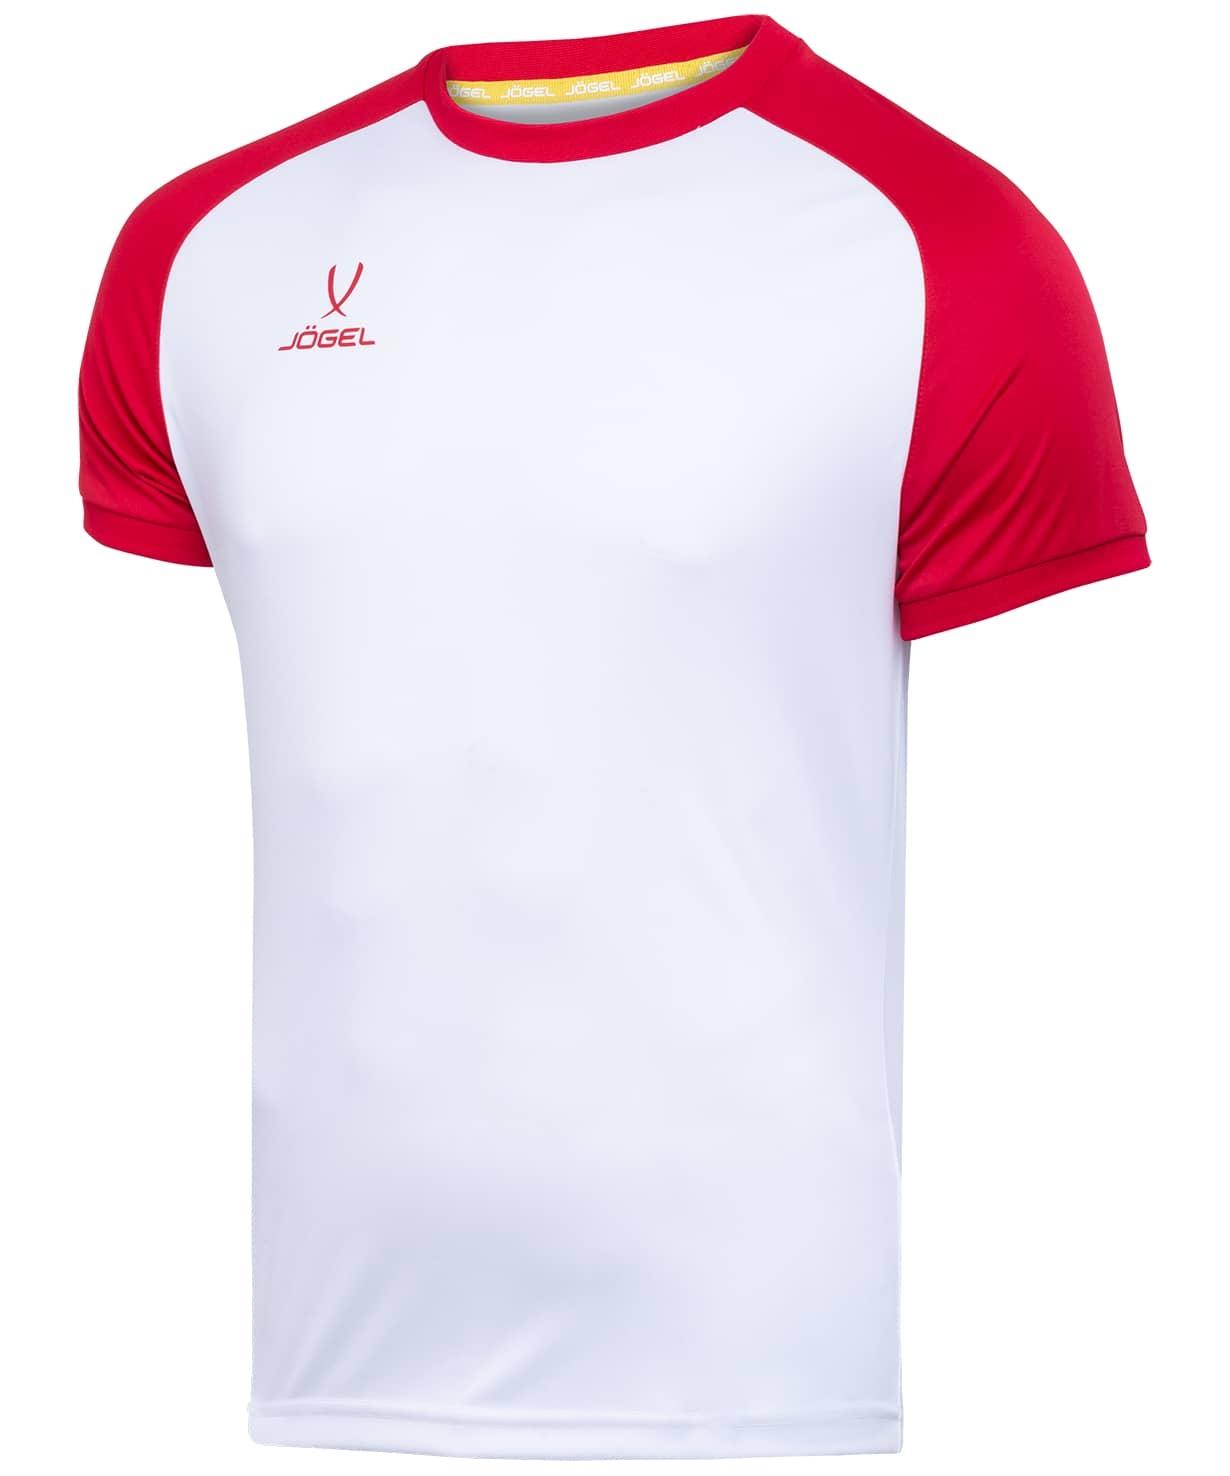 Футболка футбольная CAMP Reglan JFT-1021-012, белый/красный